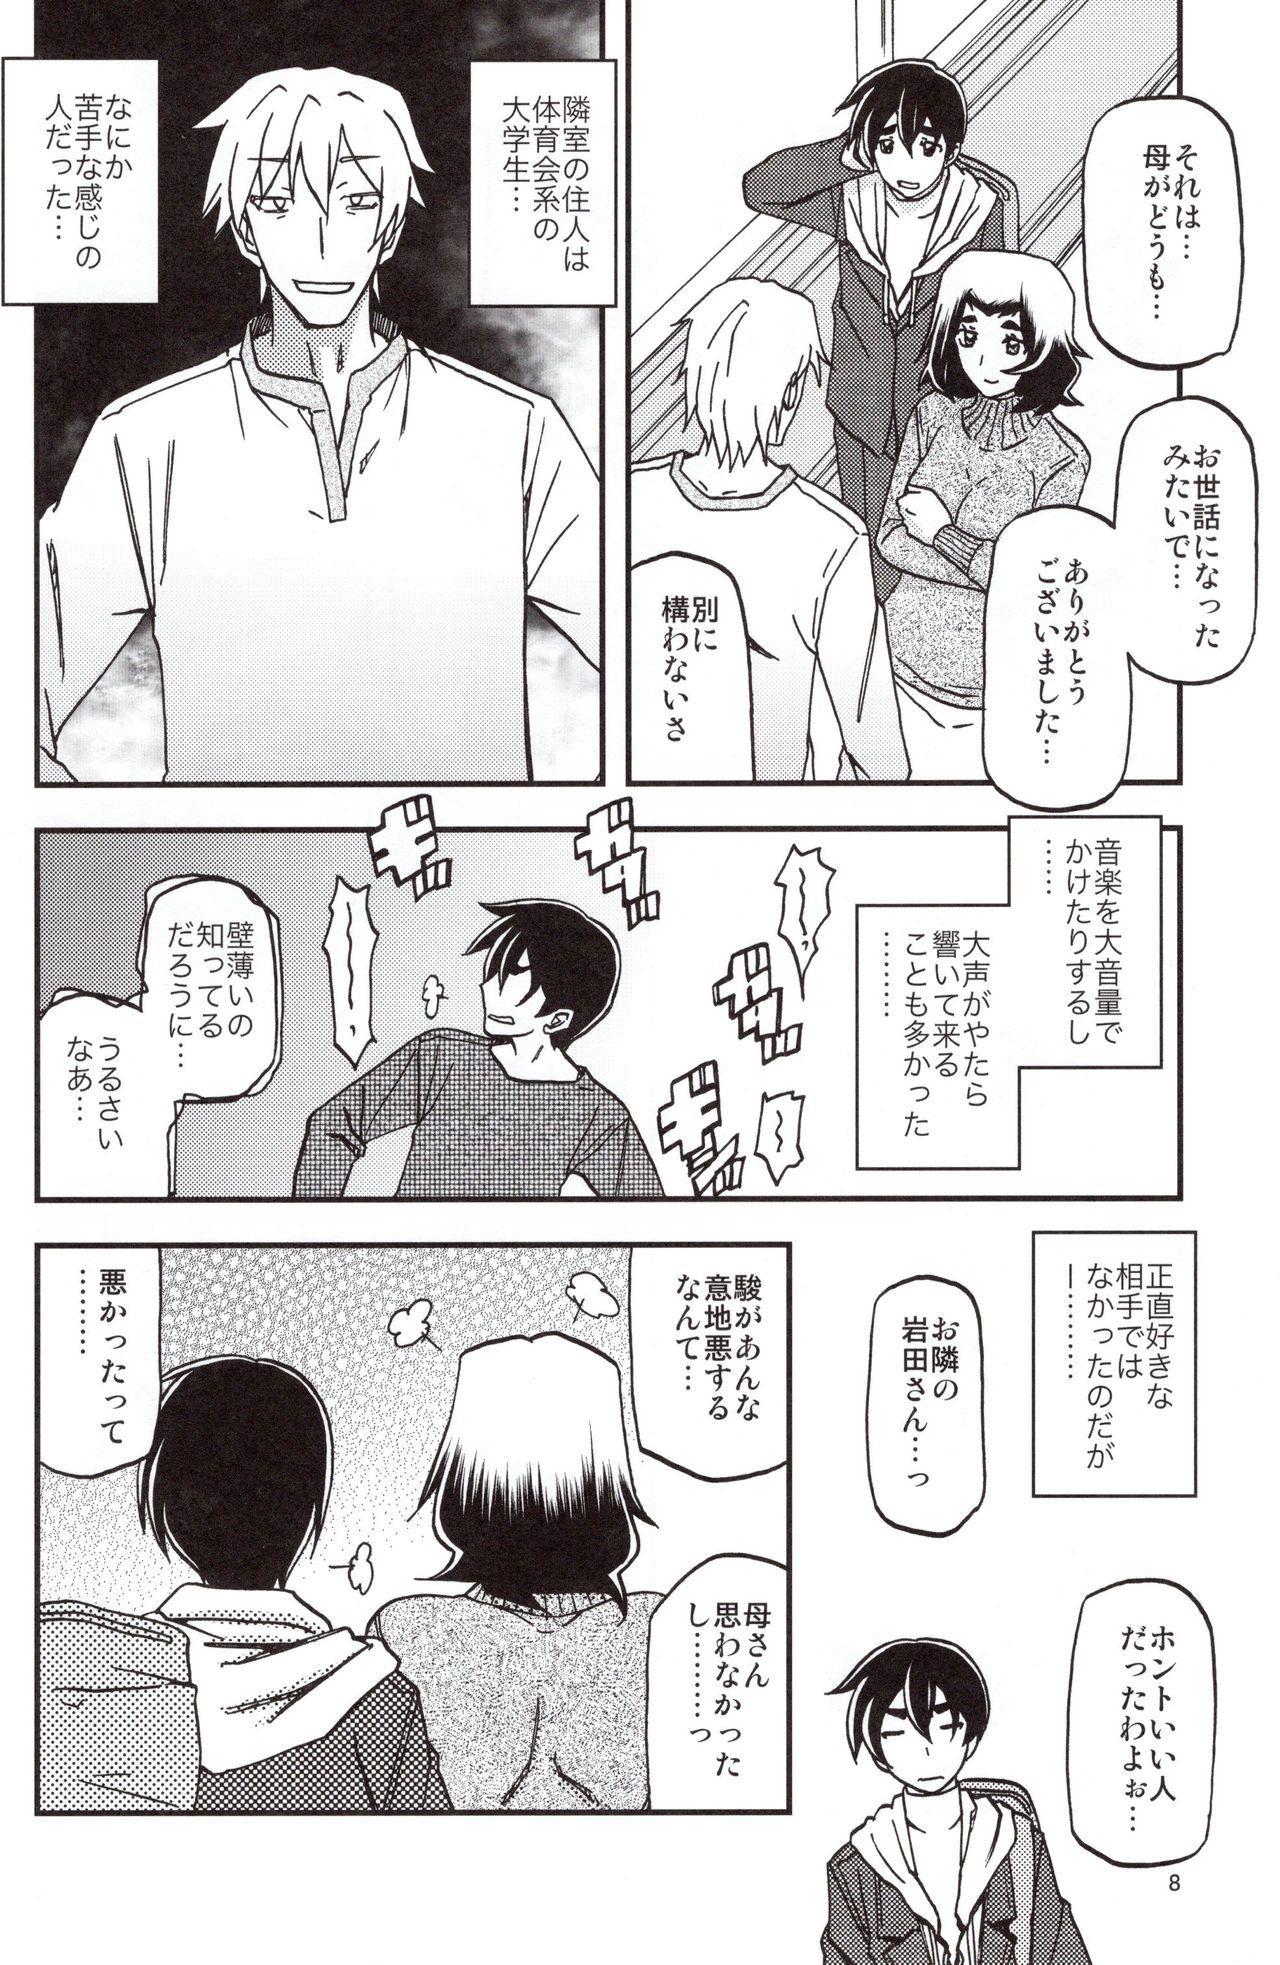 Yama Hime no Mi Orie 6